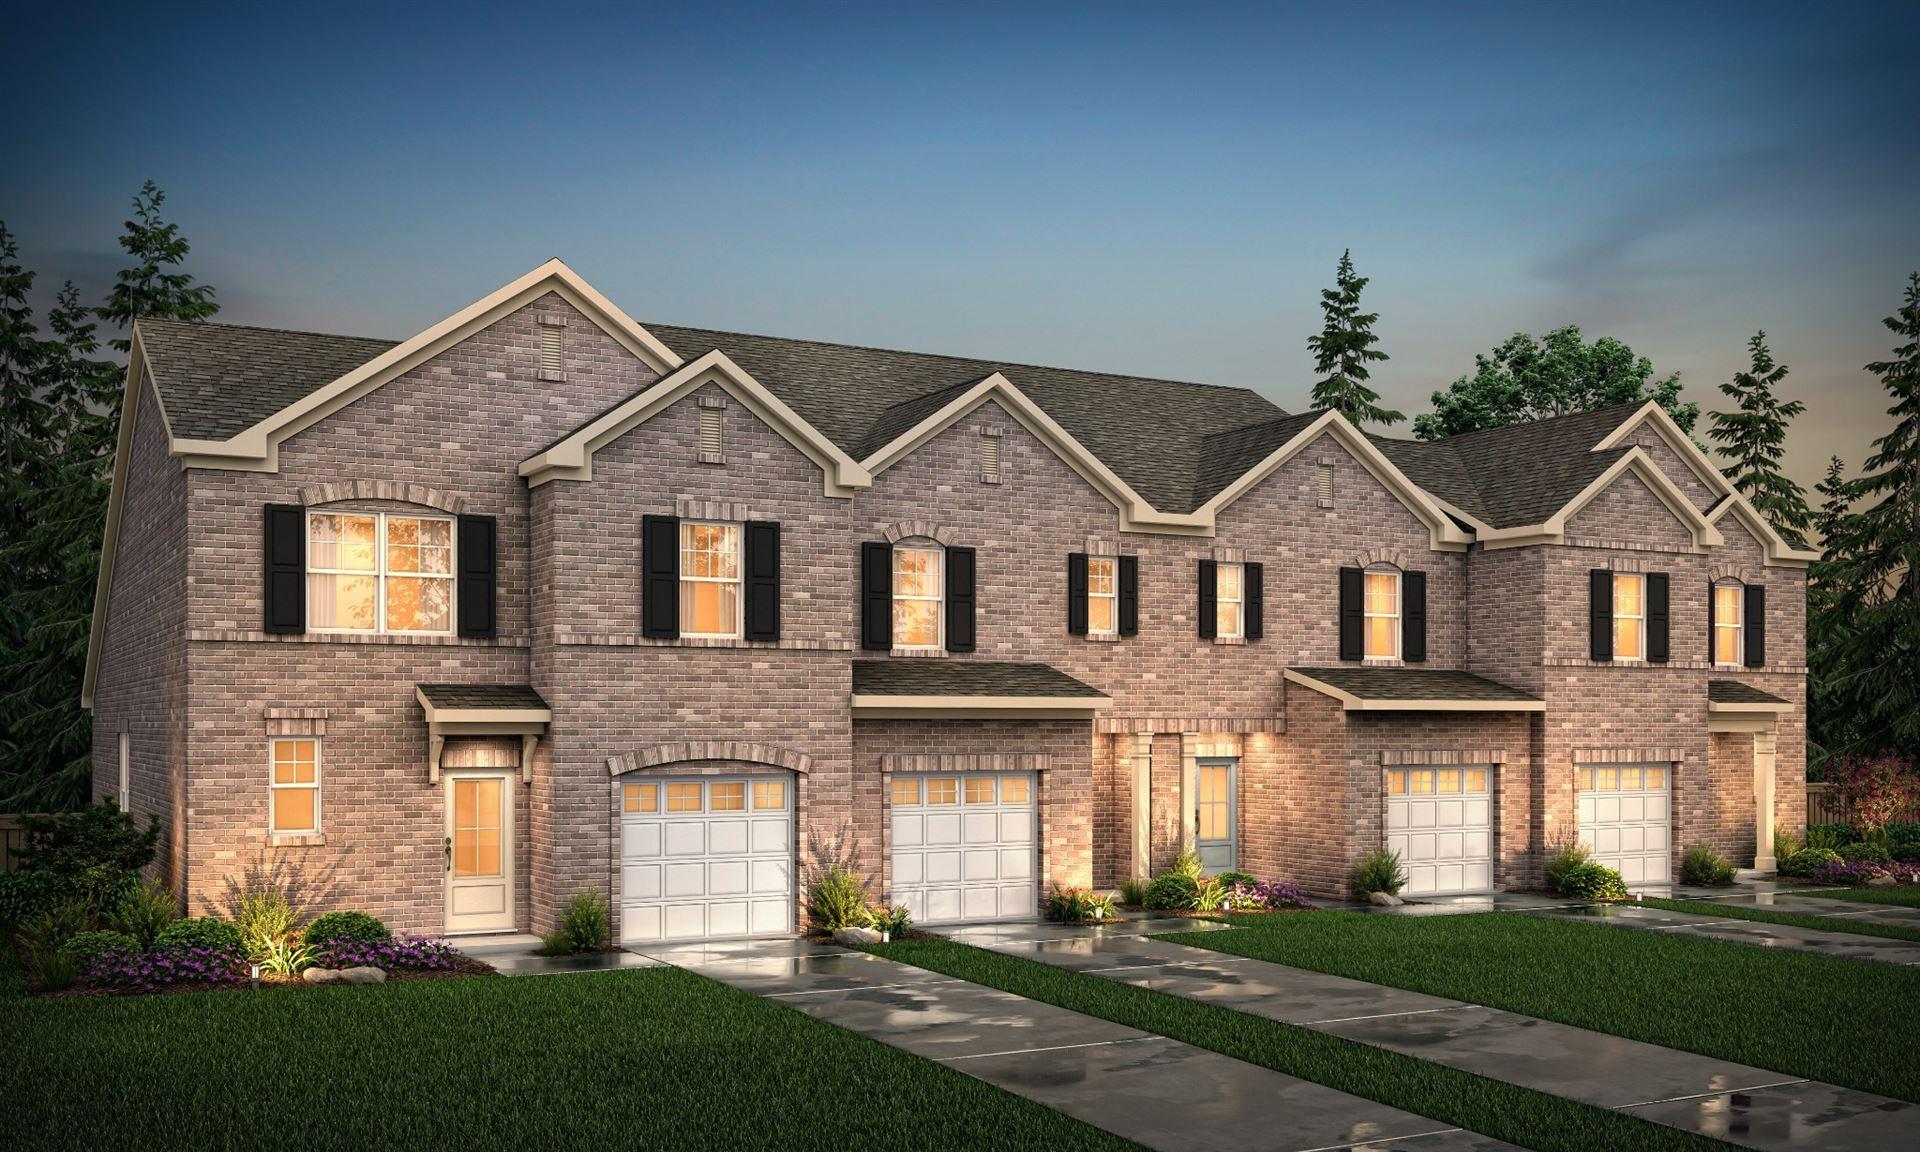 2012 Sperling Drive - 4, Gallatin, TN 37066 - MLS#: 2264254